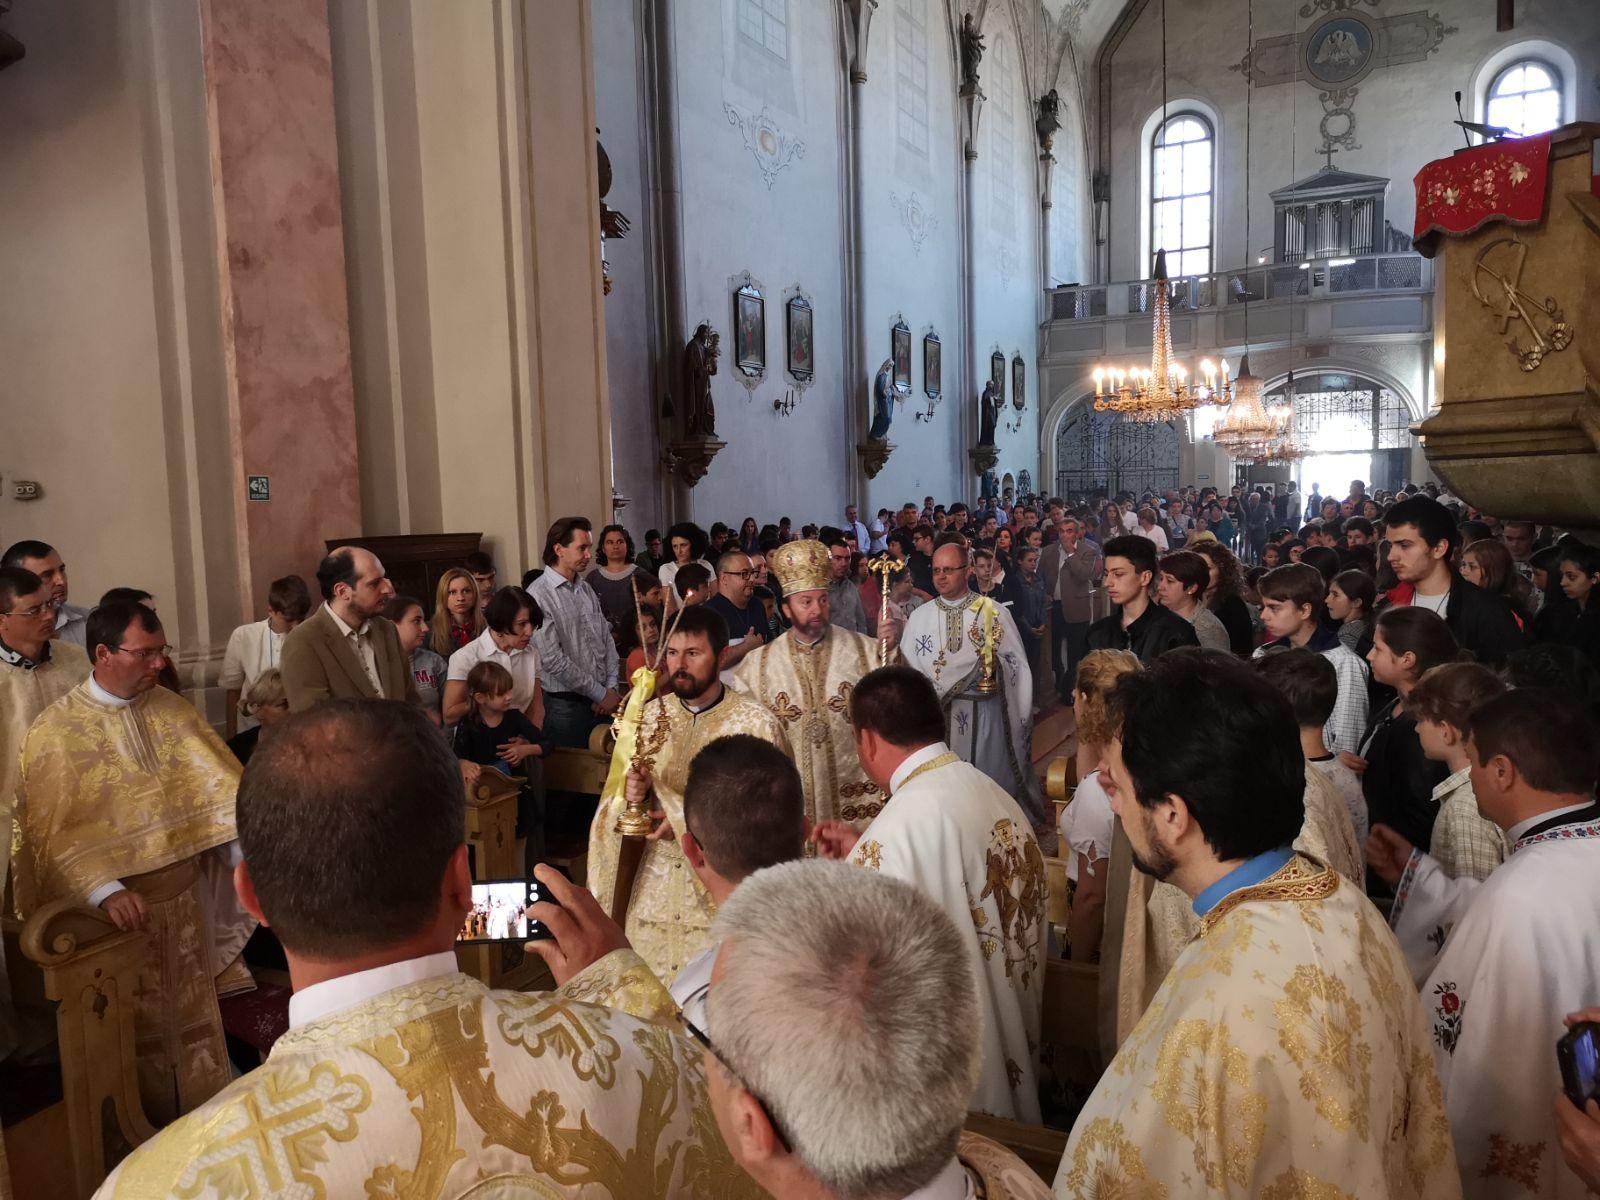 site ul de întâlnire între tineri catolici